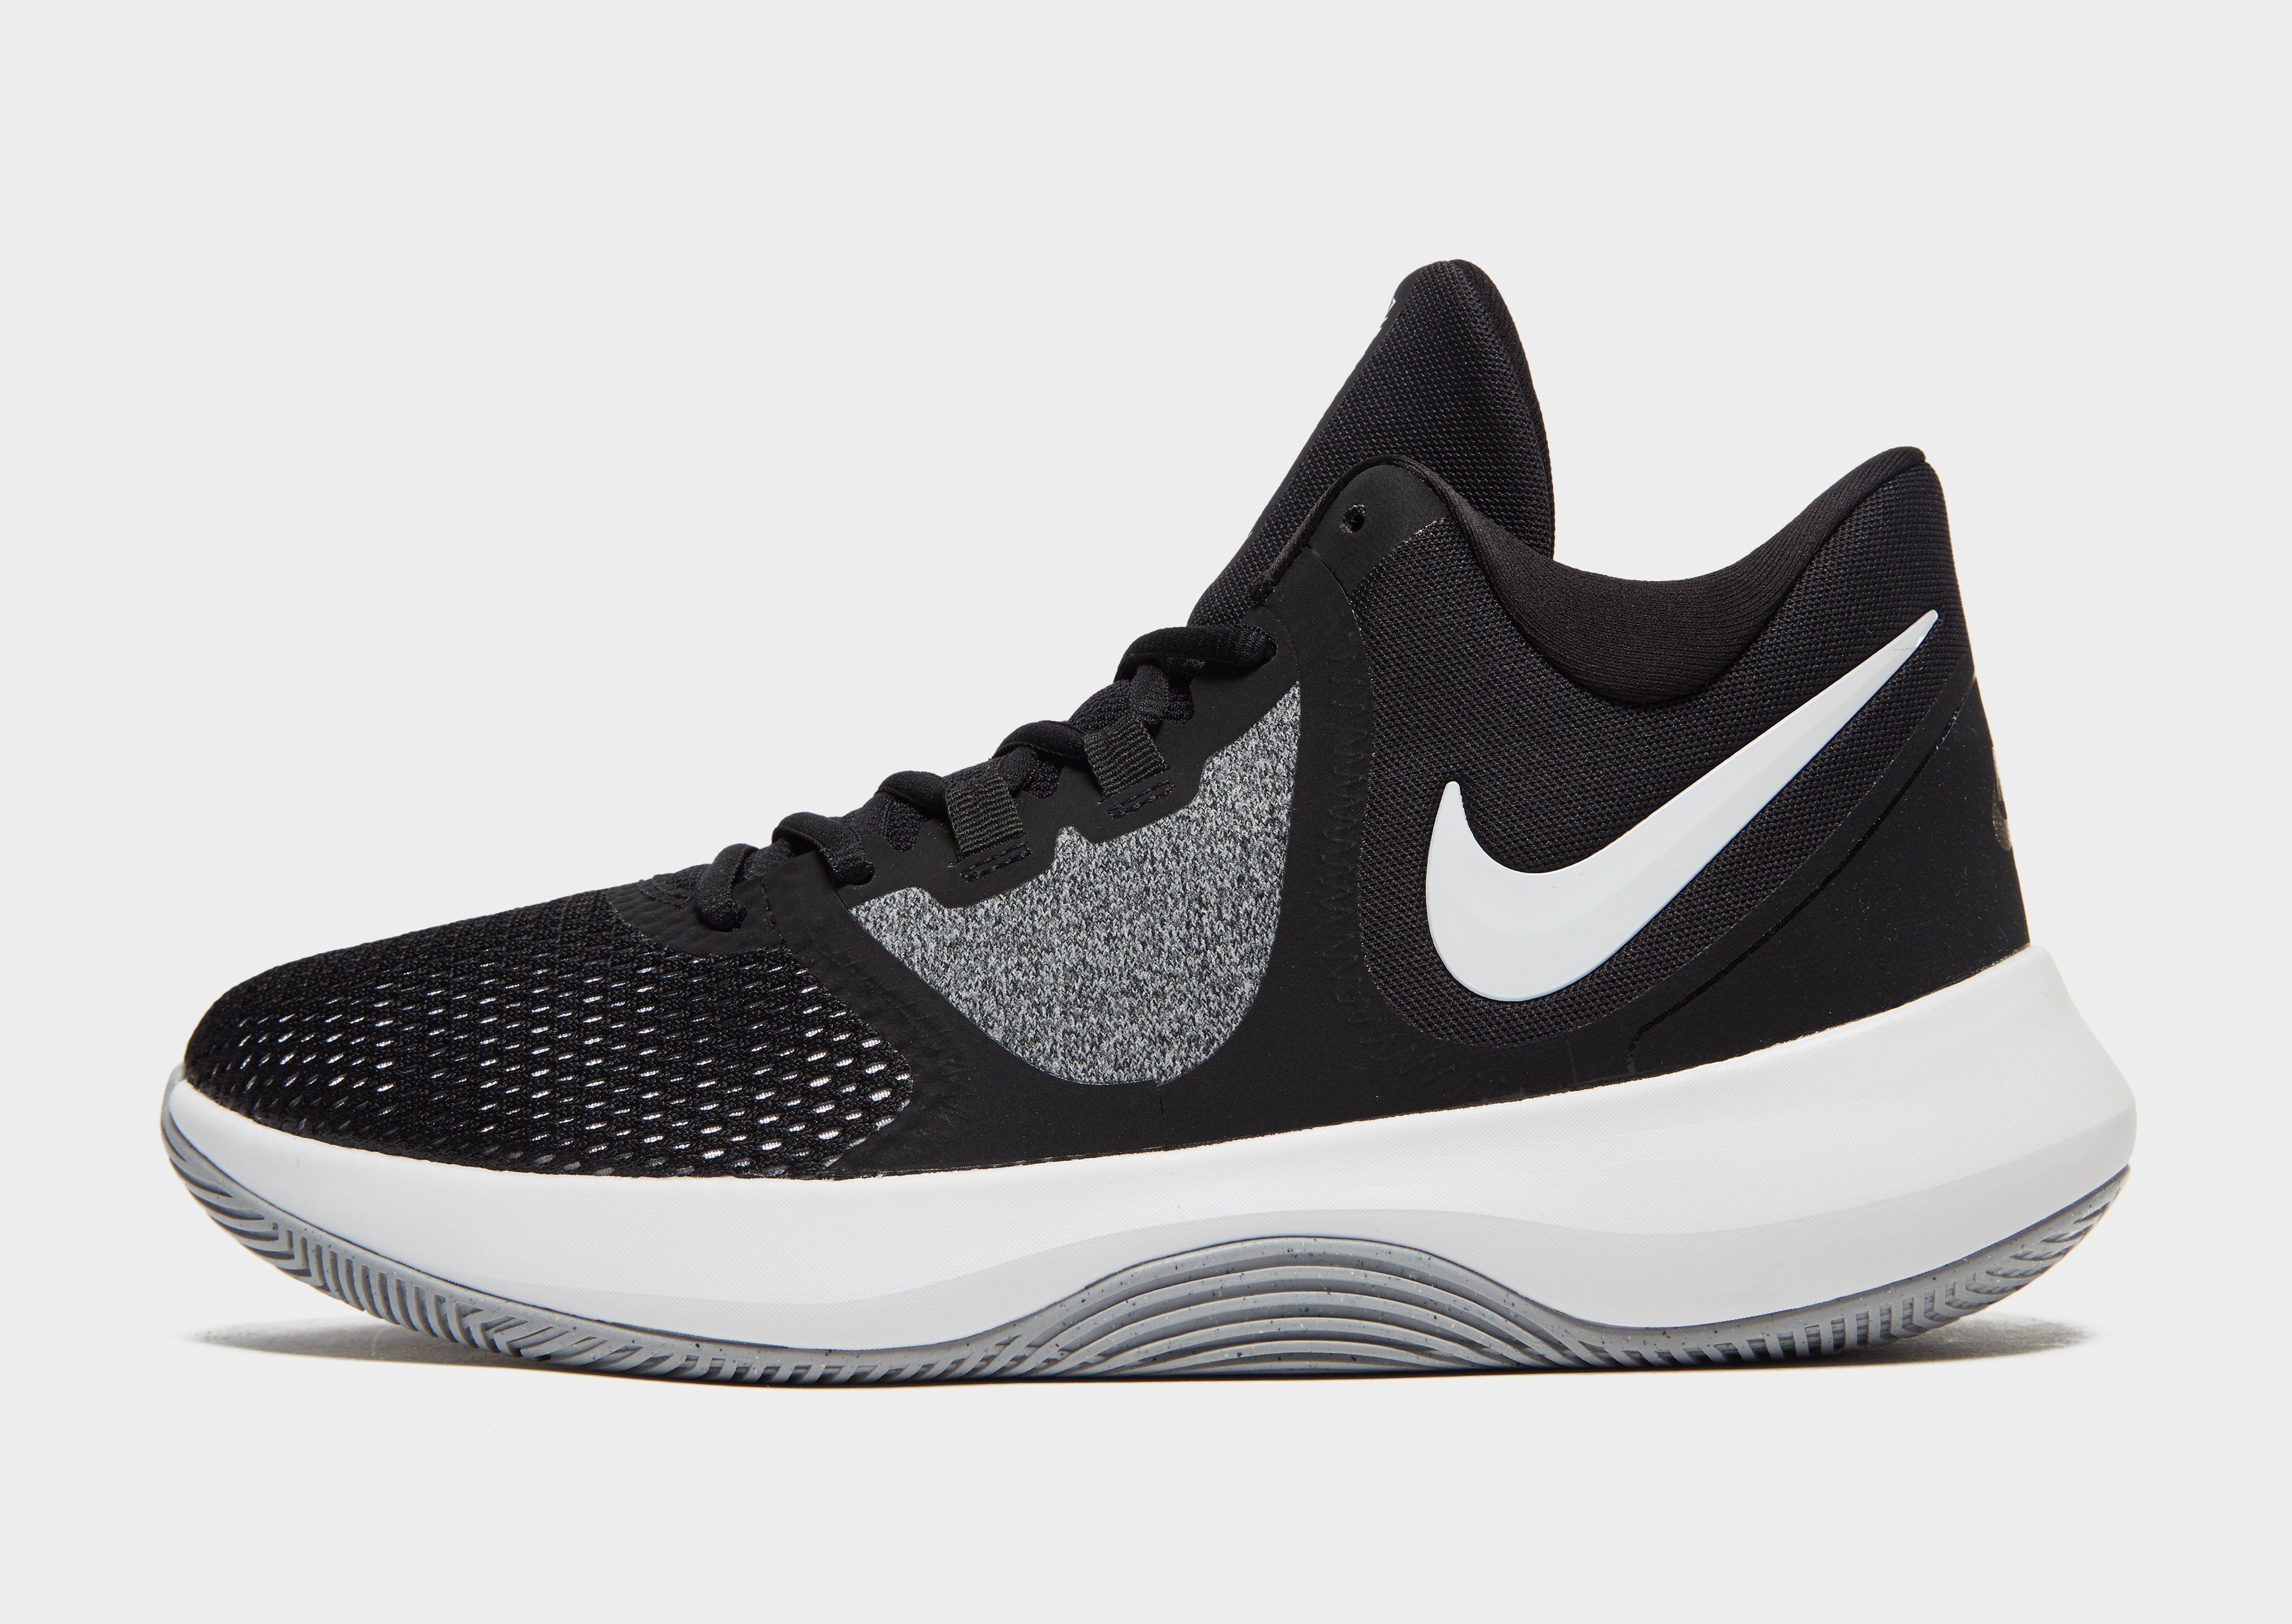 2d8abe1c6977cd Nike Air Precision II